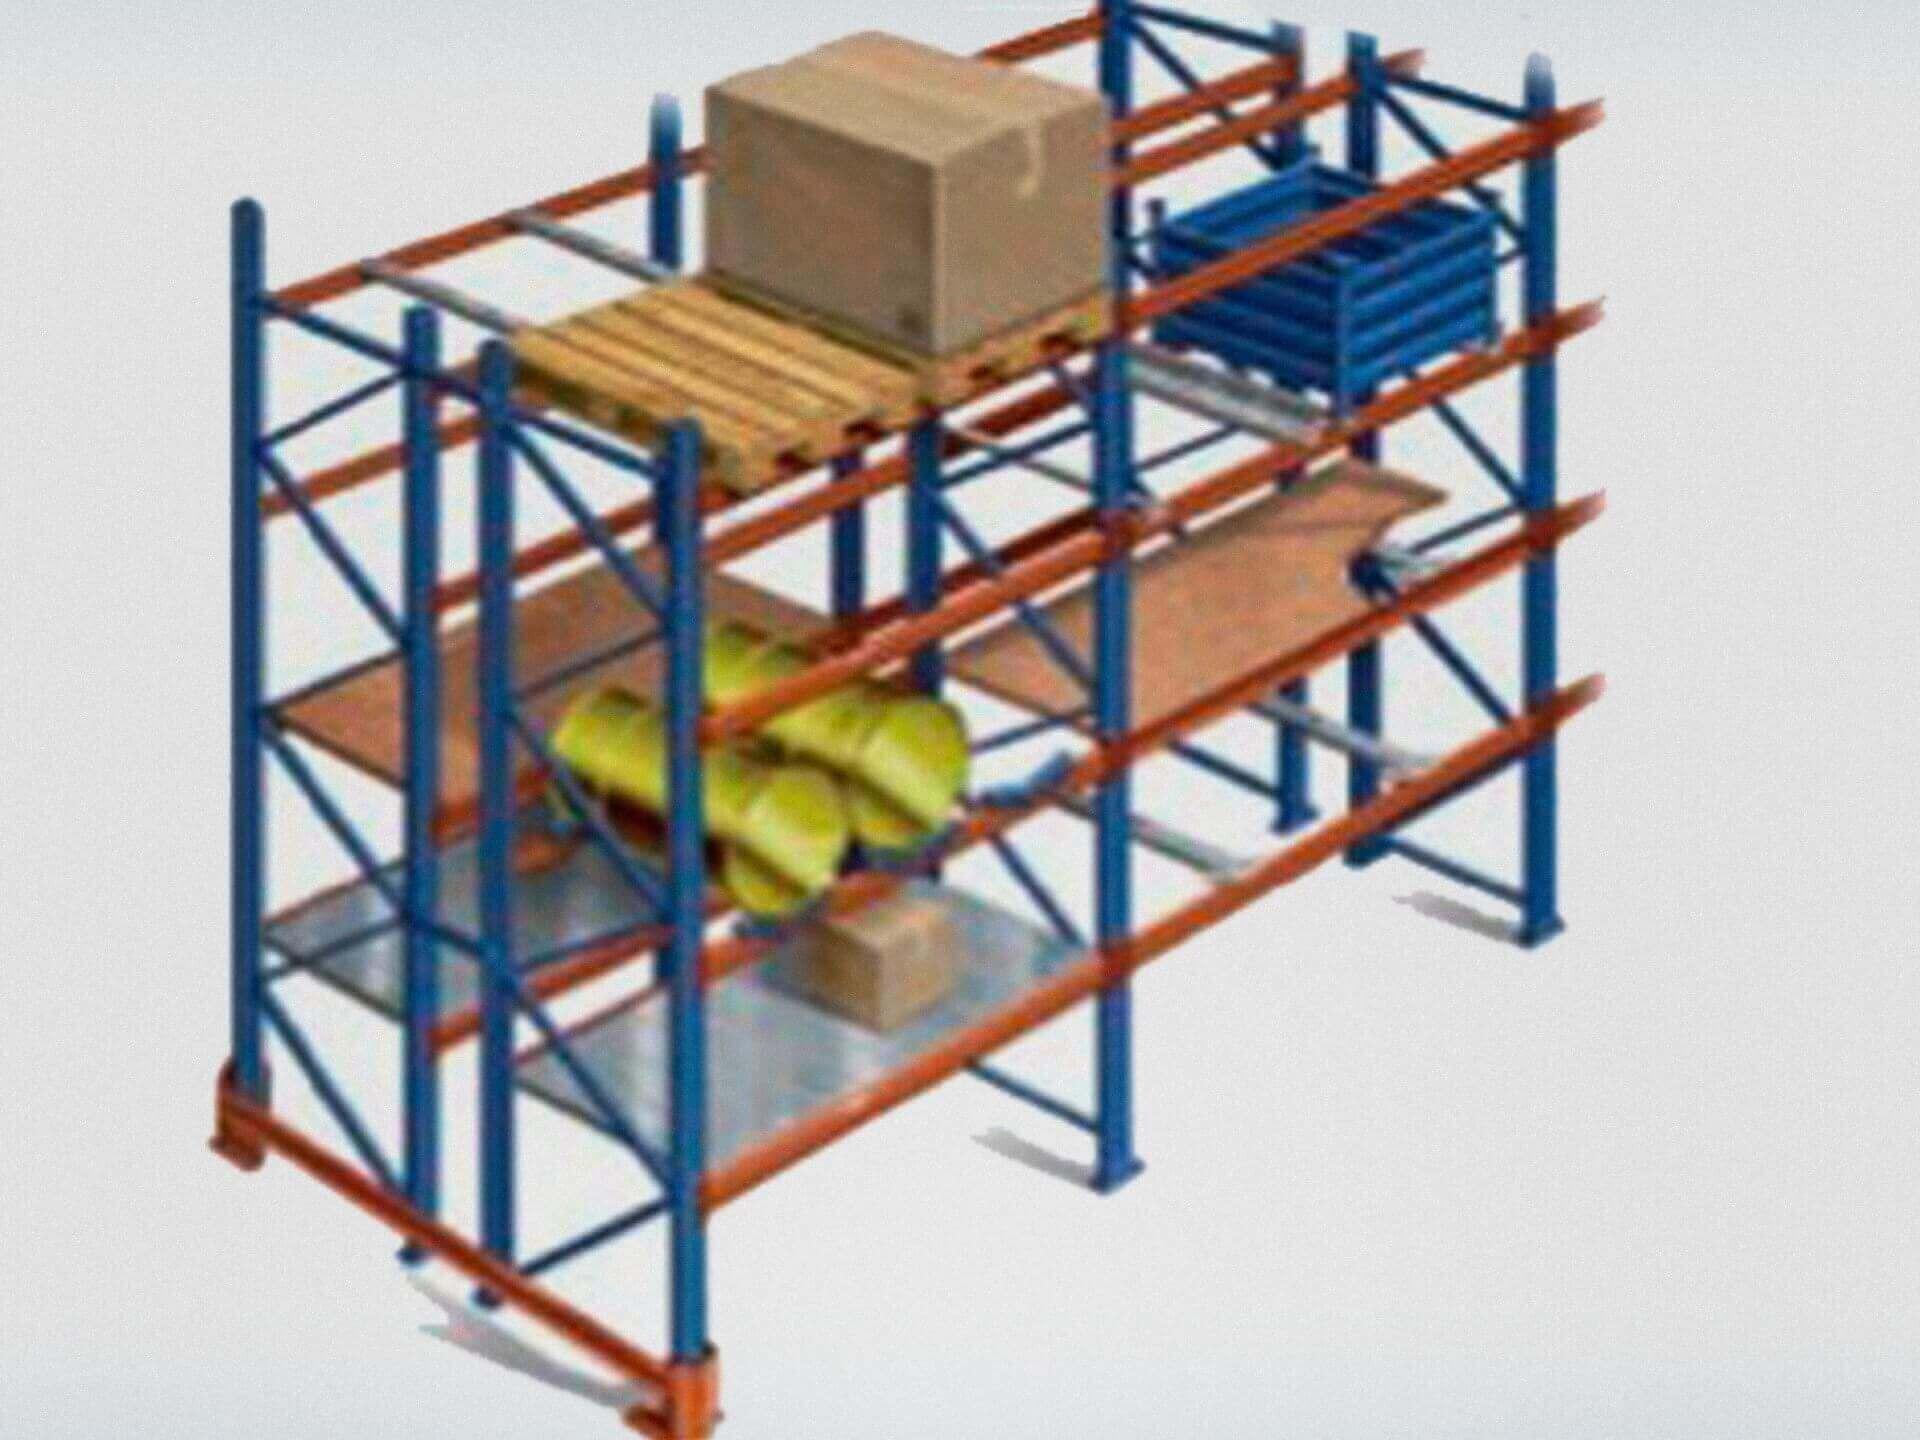 sistemas-de-almacenamiento-slide8